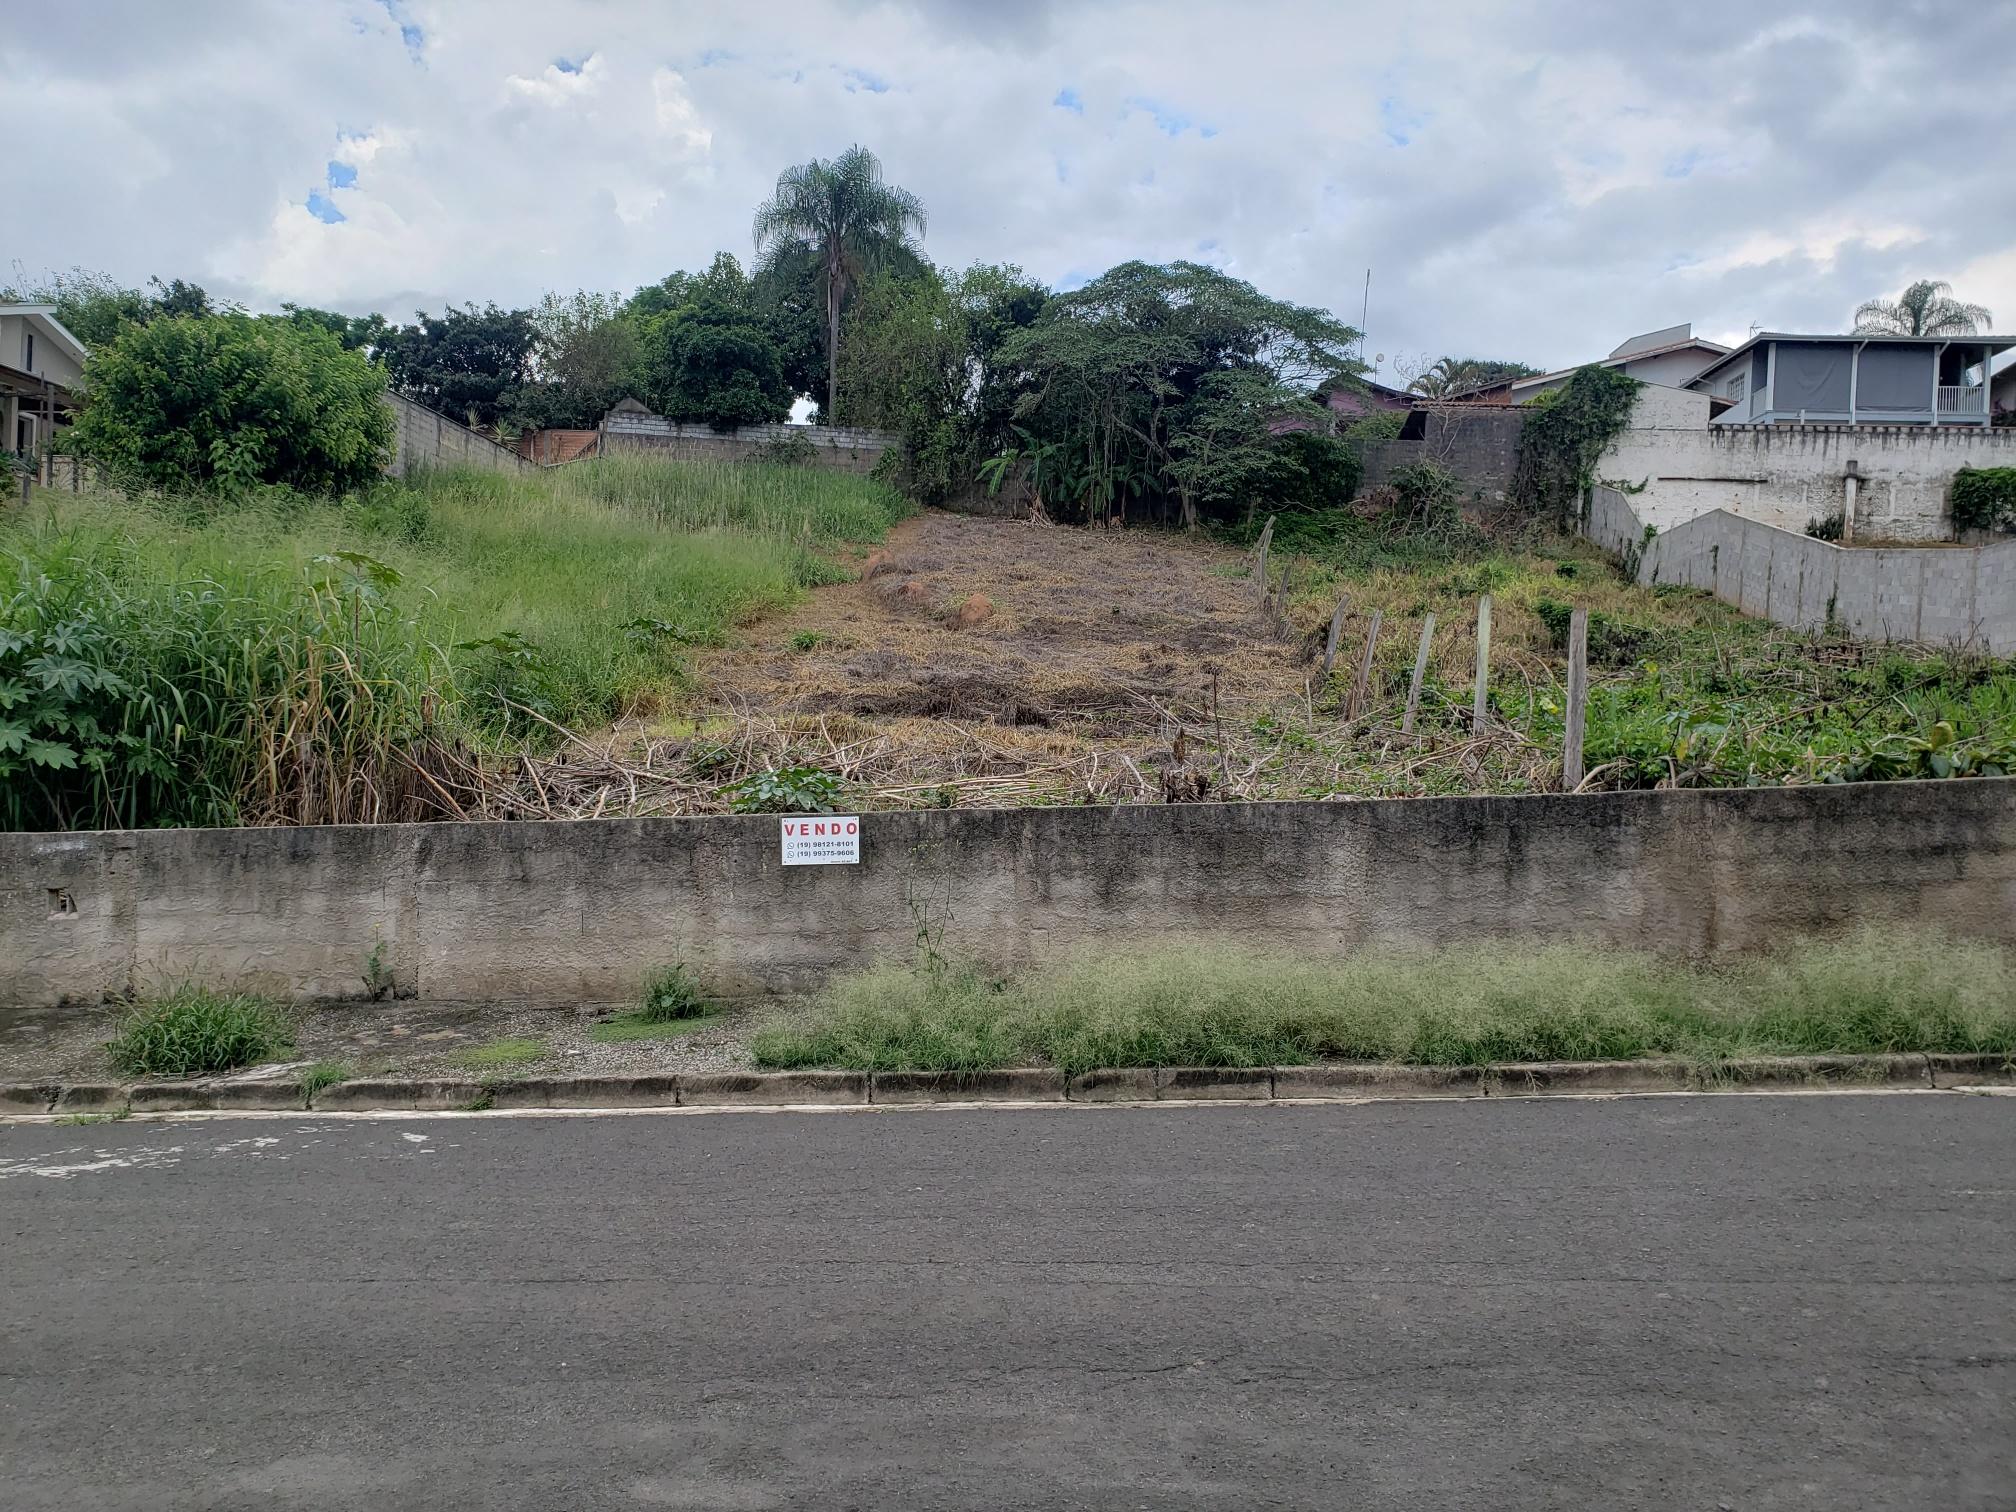 LOTE DE TERRENO PARA EDIFICAÇÃO RESIDENCIAL NO SANTAROSA – SOCORRO/SP